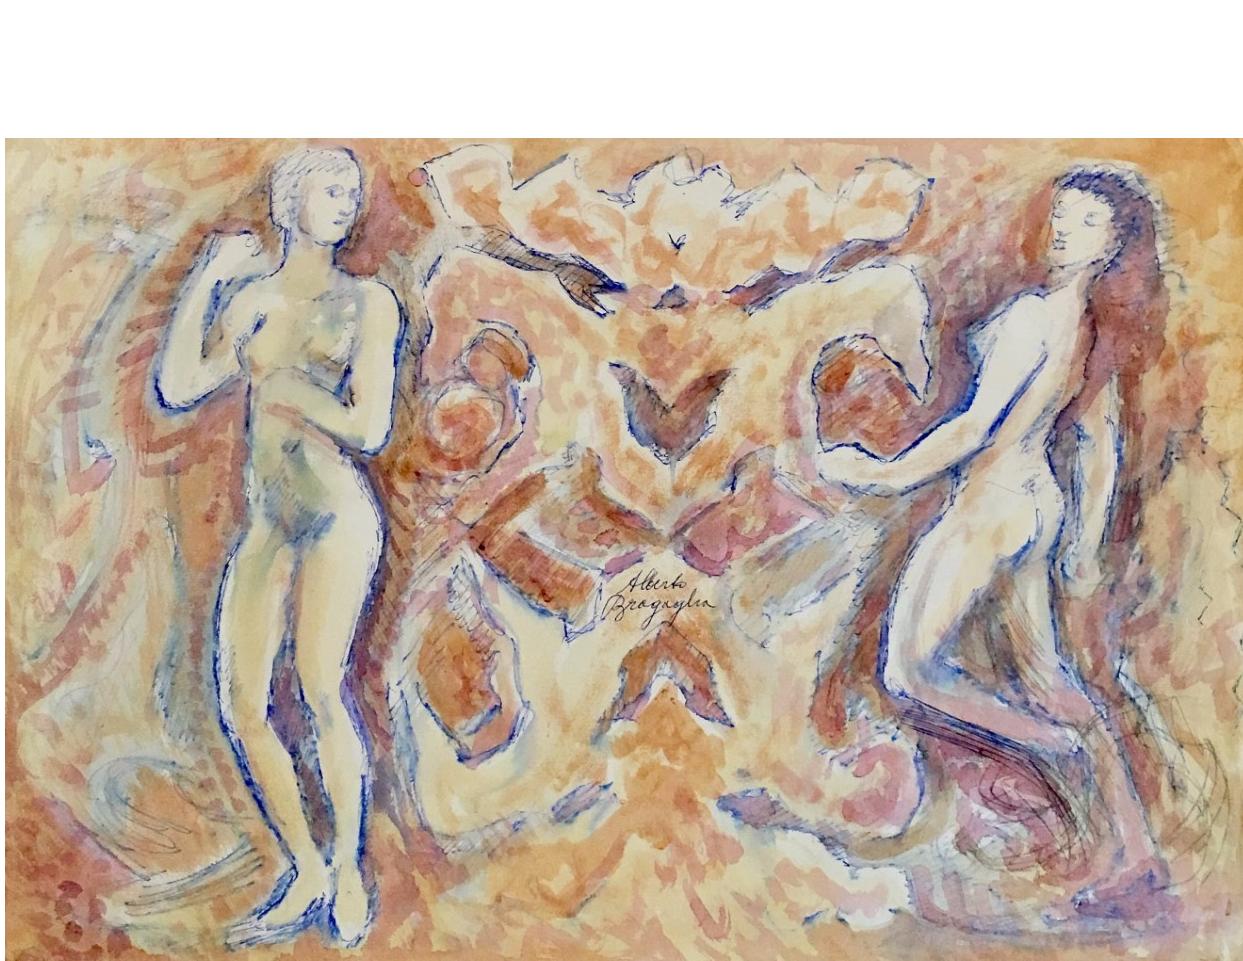 Alberto Bragaglia_Italian artist_Italian 20th century artist_futurism movement_